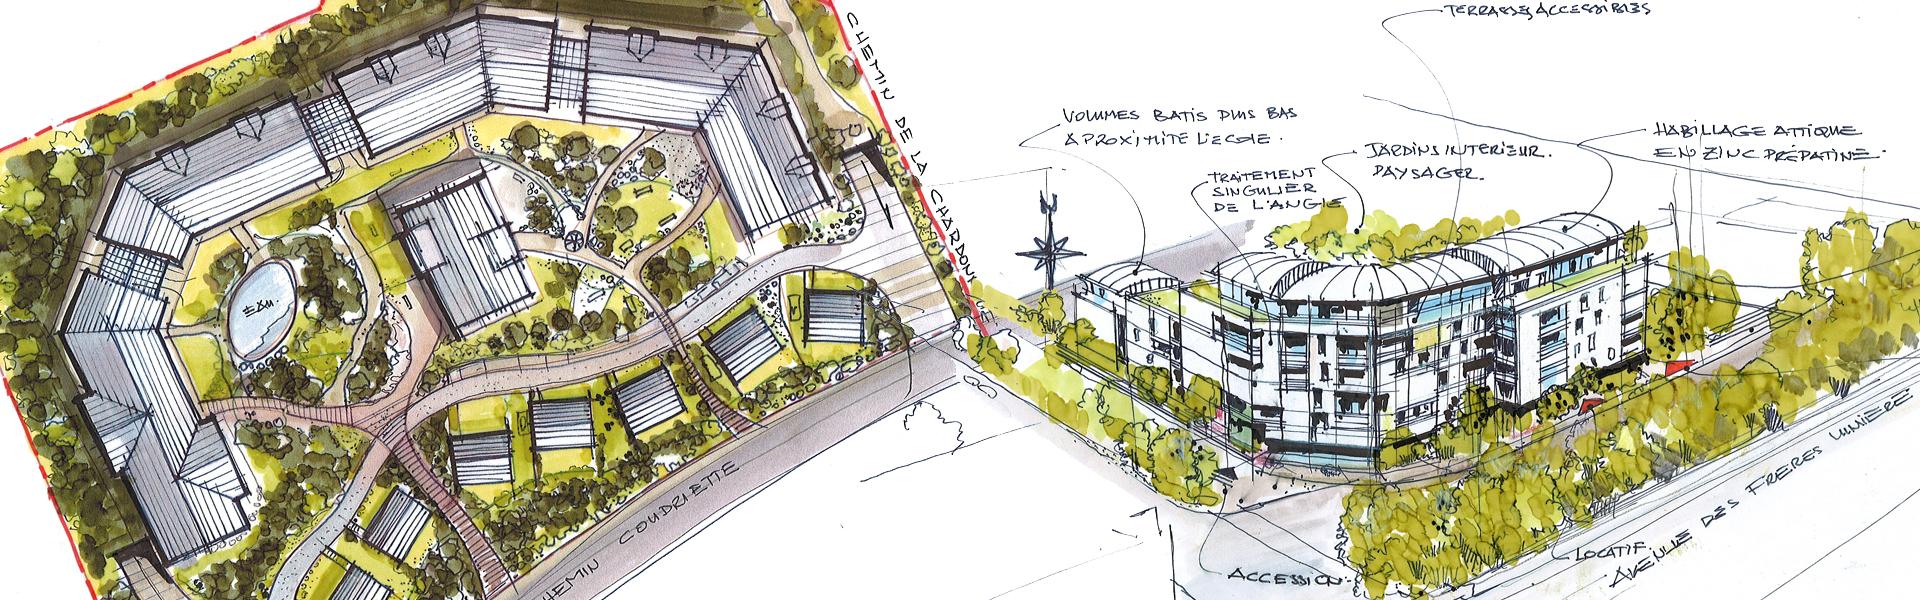 a5a architectes, études urbaines